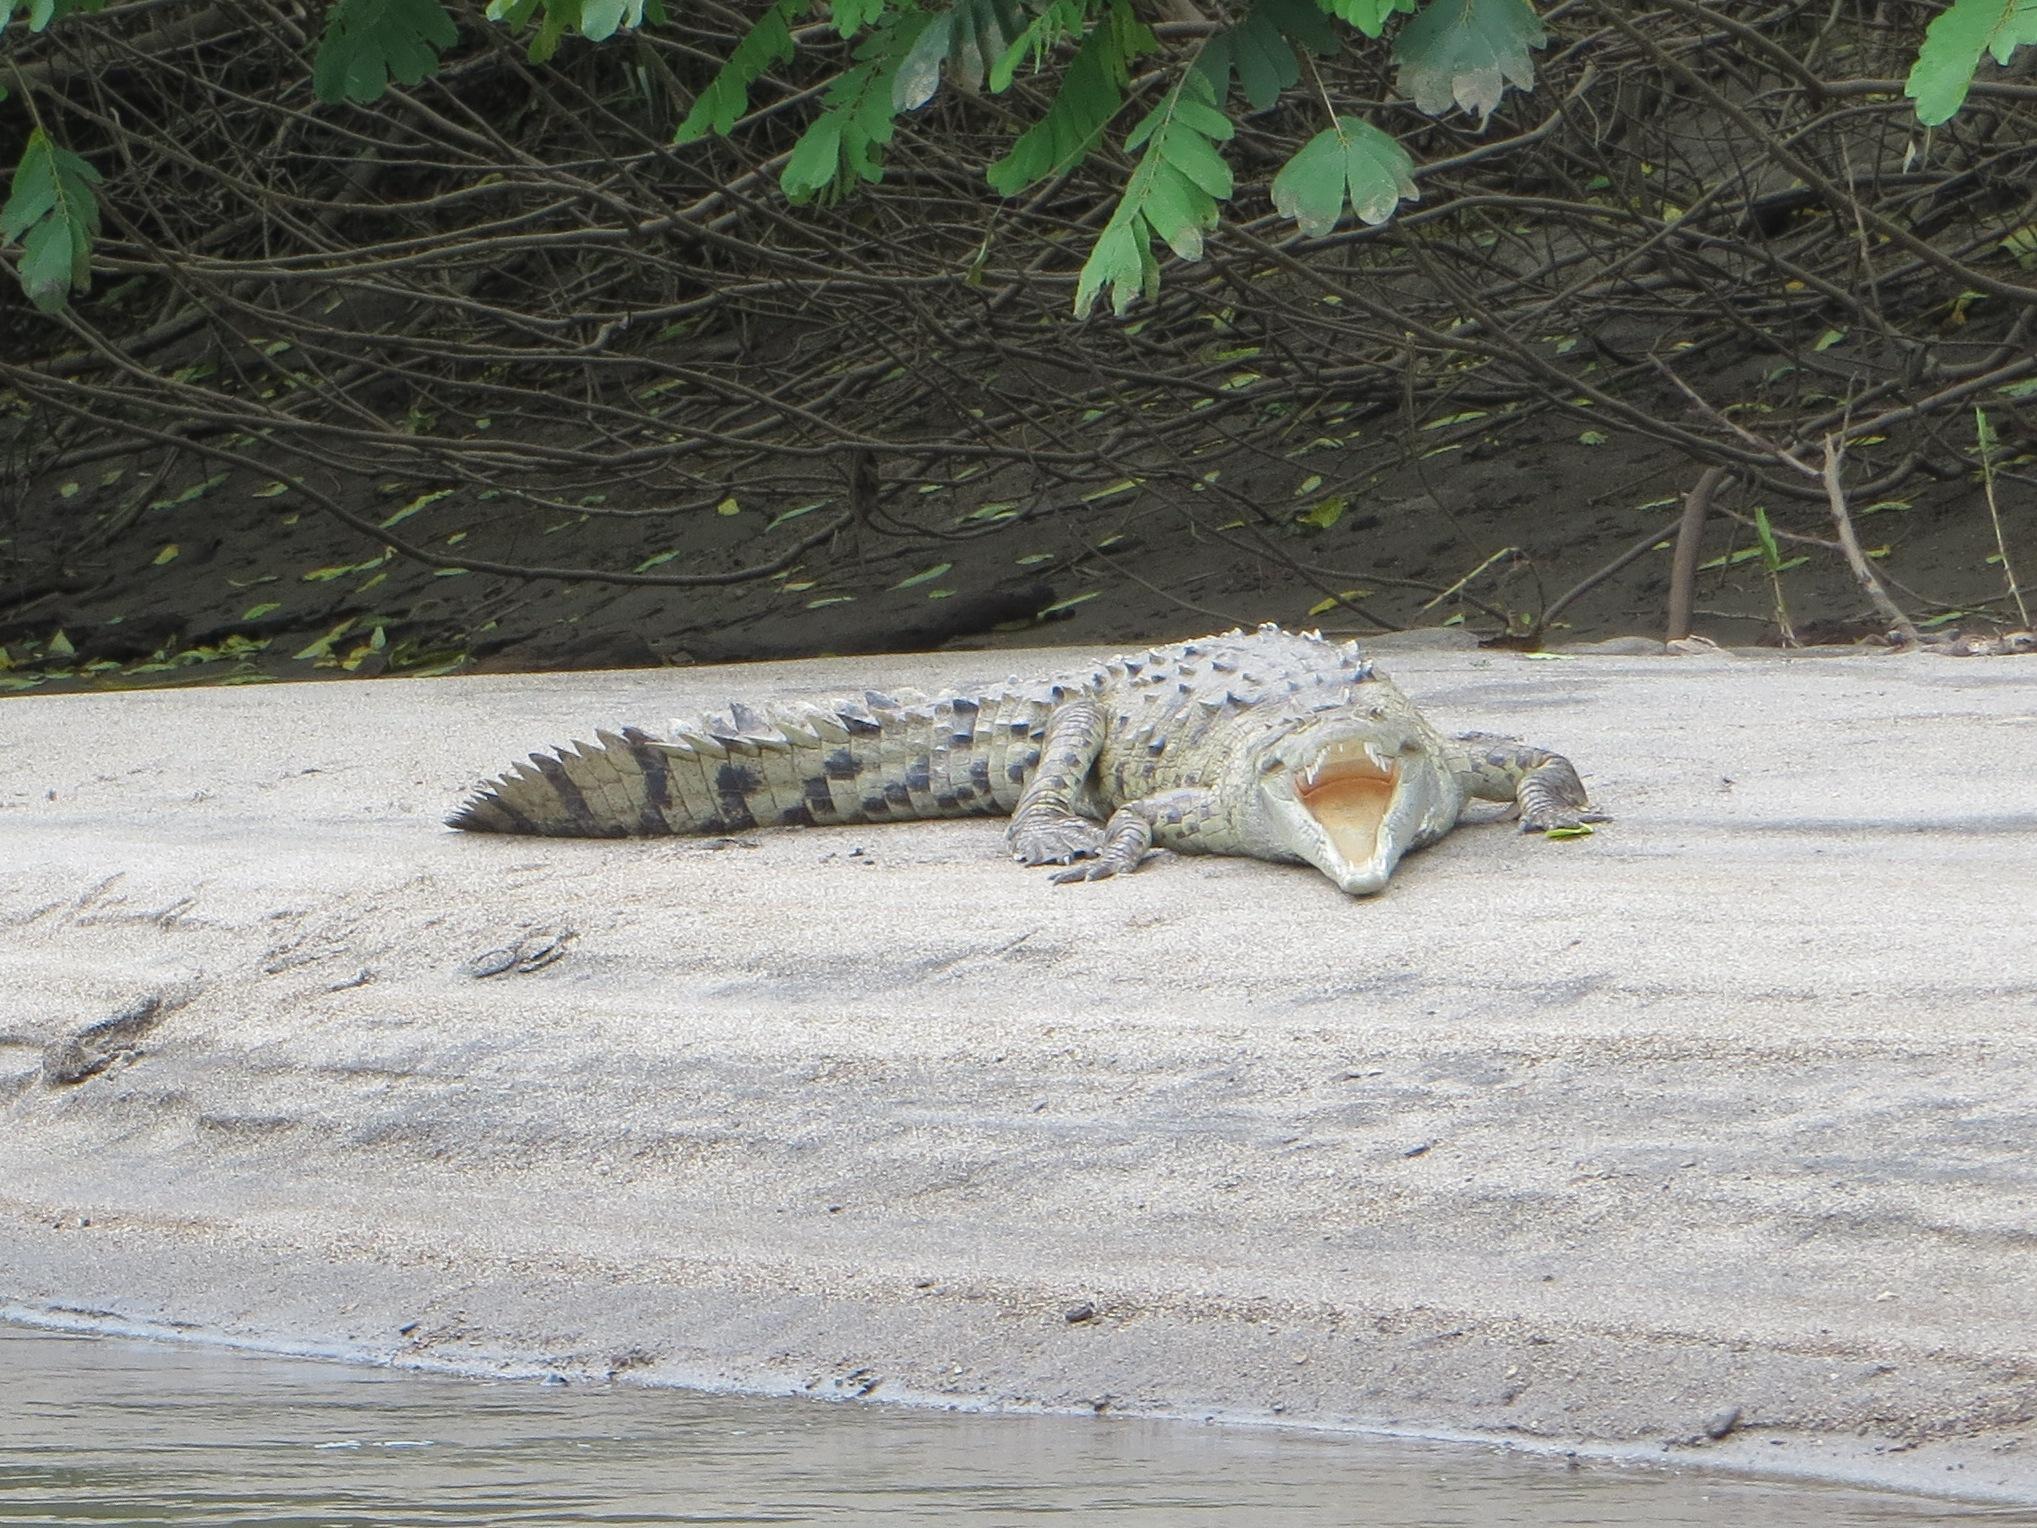 2012 Costa Rica crocodile